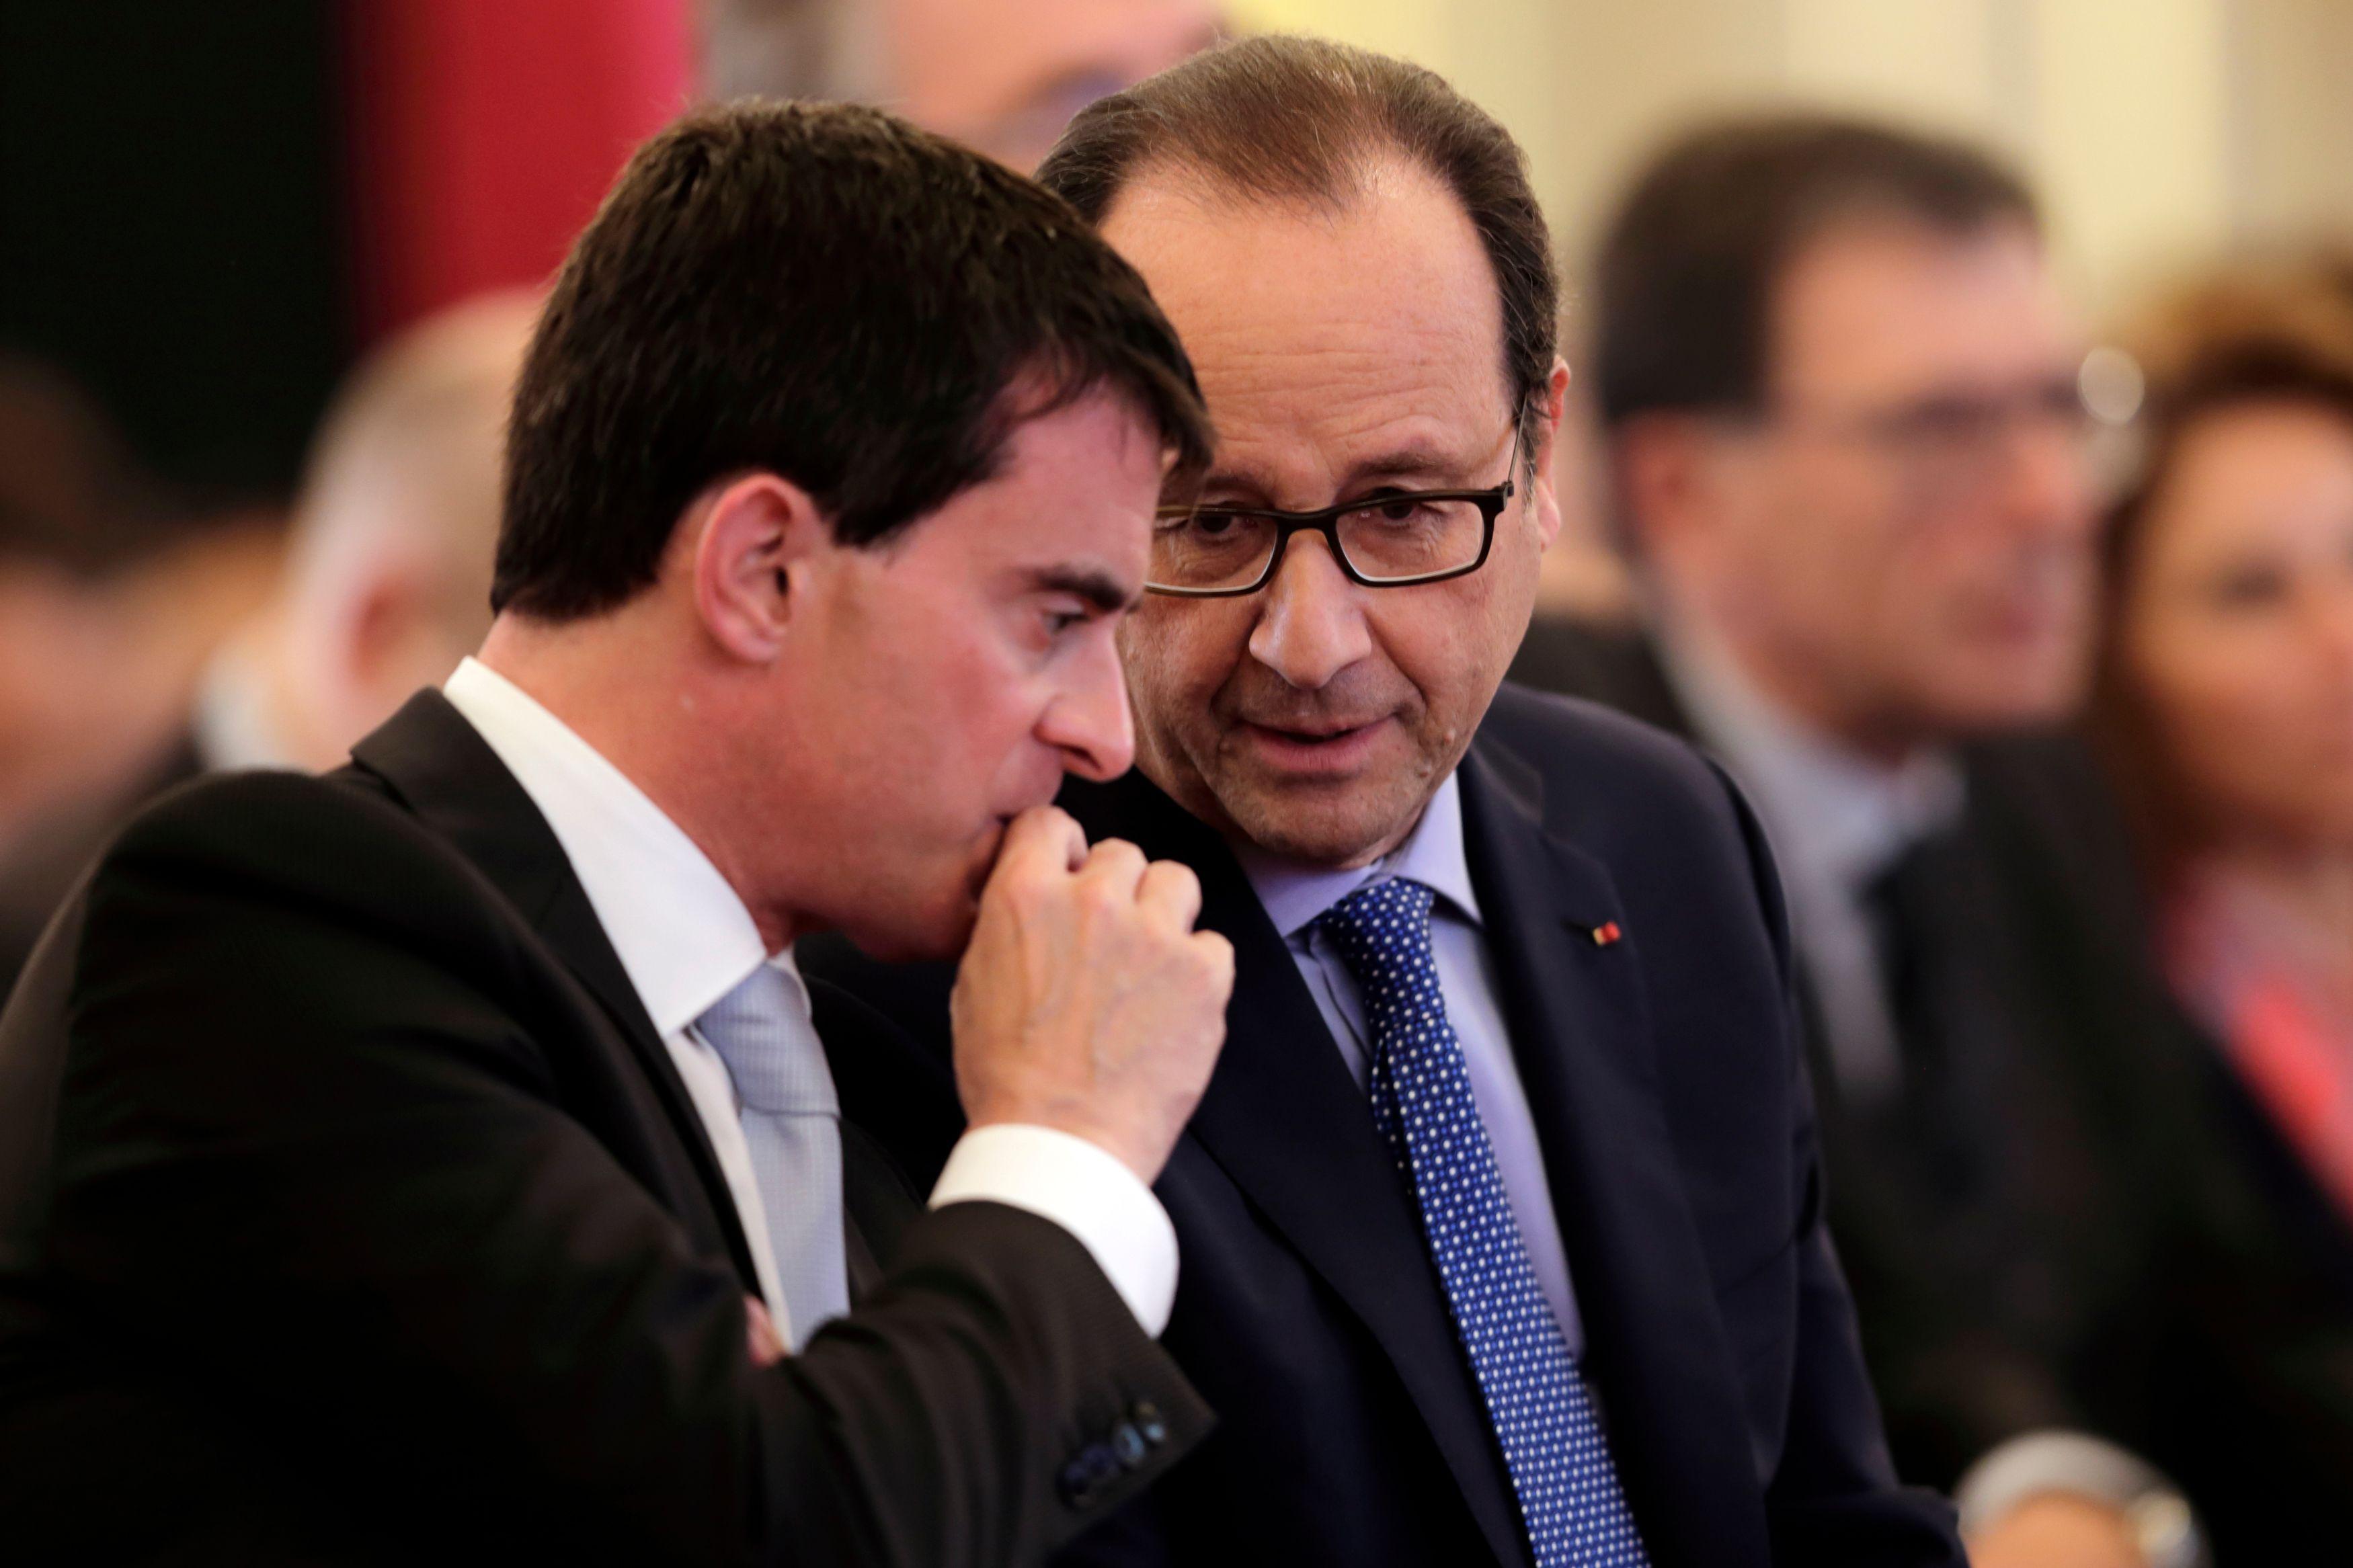 Popularité : François Hollande (encore) en baisse